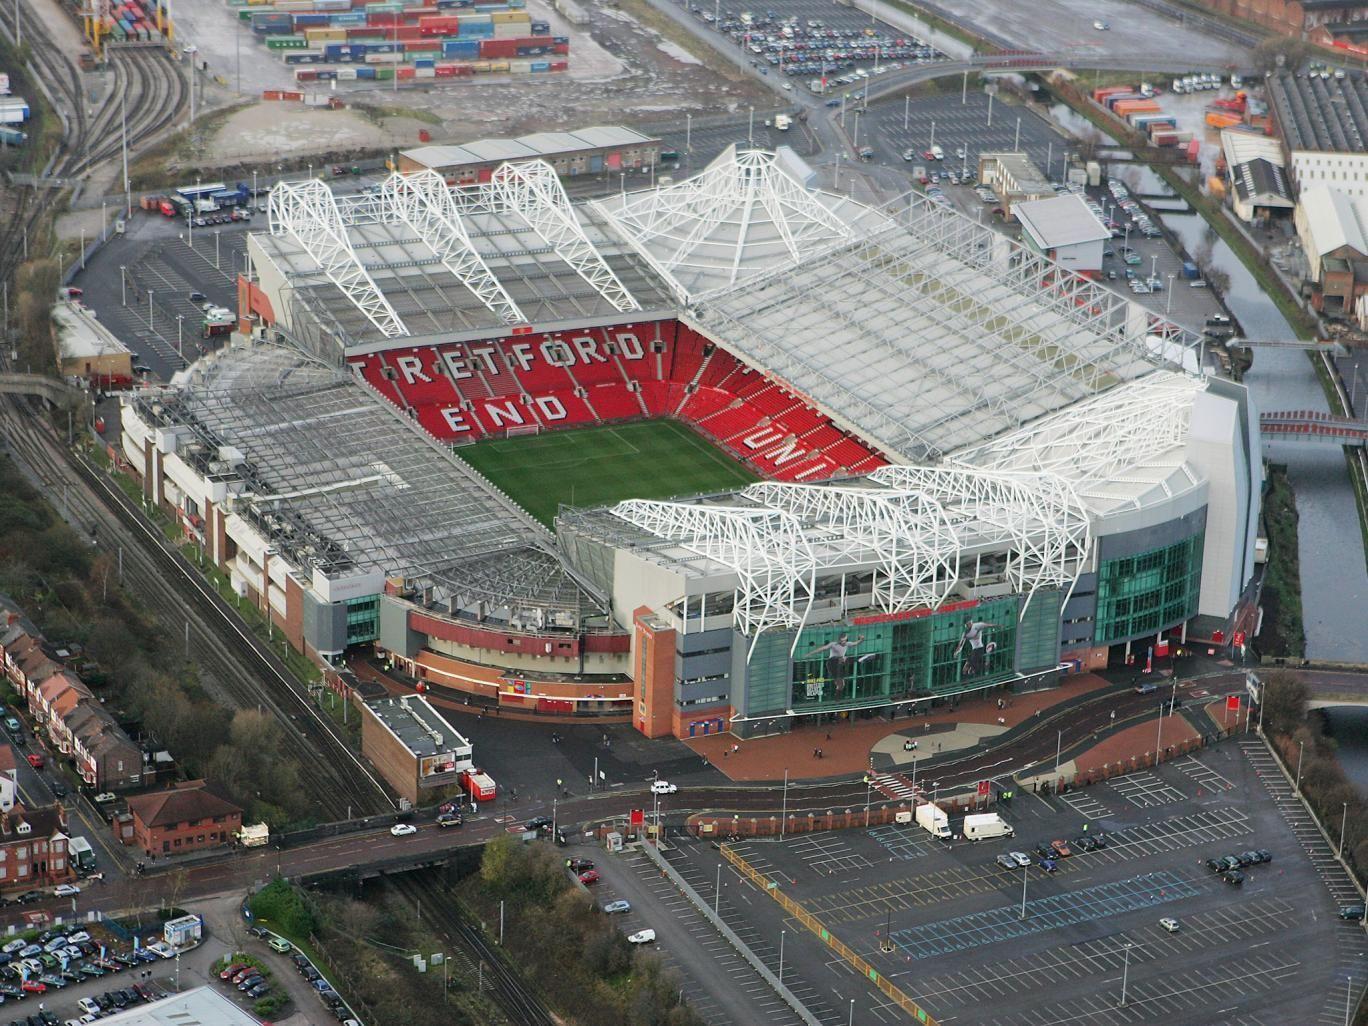 ¿Quién juega en Old Trafford?